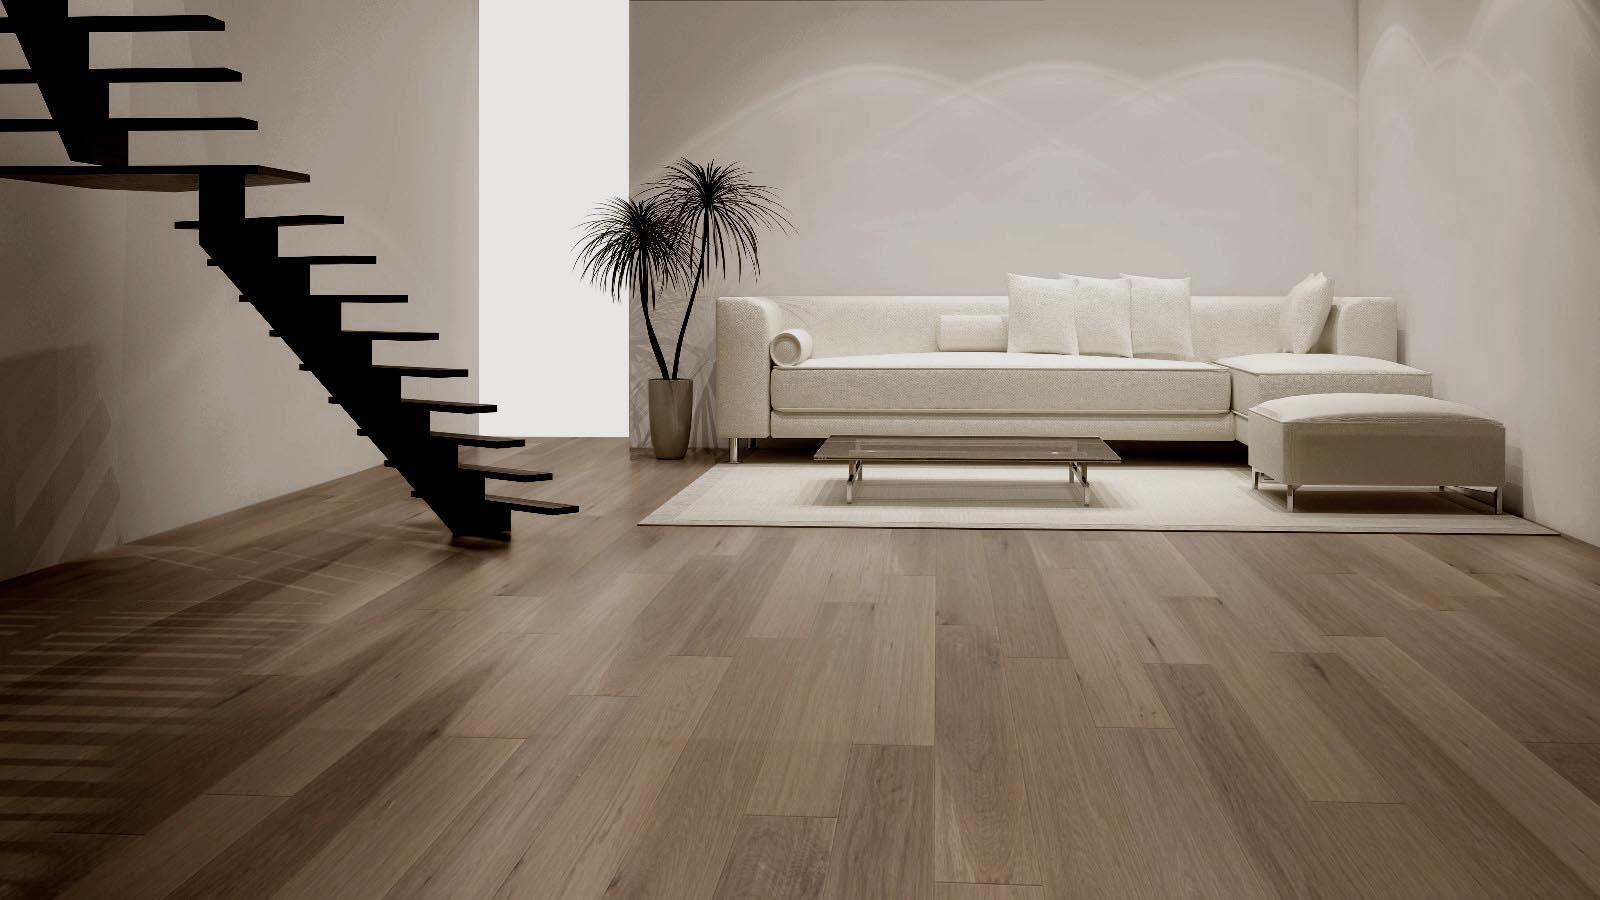 how to glue down hardwood floors of mohawk amber 9 wide glue down luxury vinyl plank flooring regarding mohawk amber 9 wide glue down luxury vinyl plank flooring room